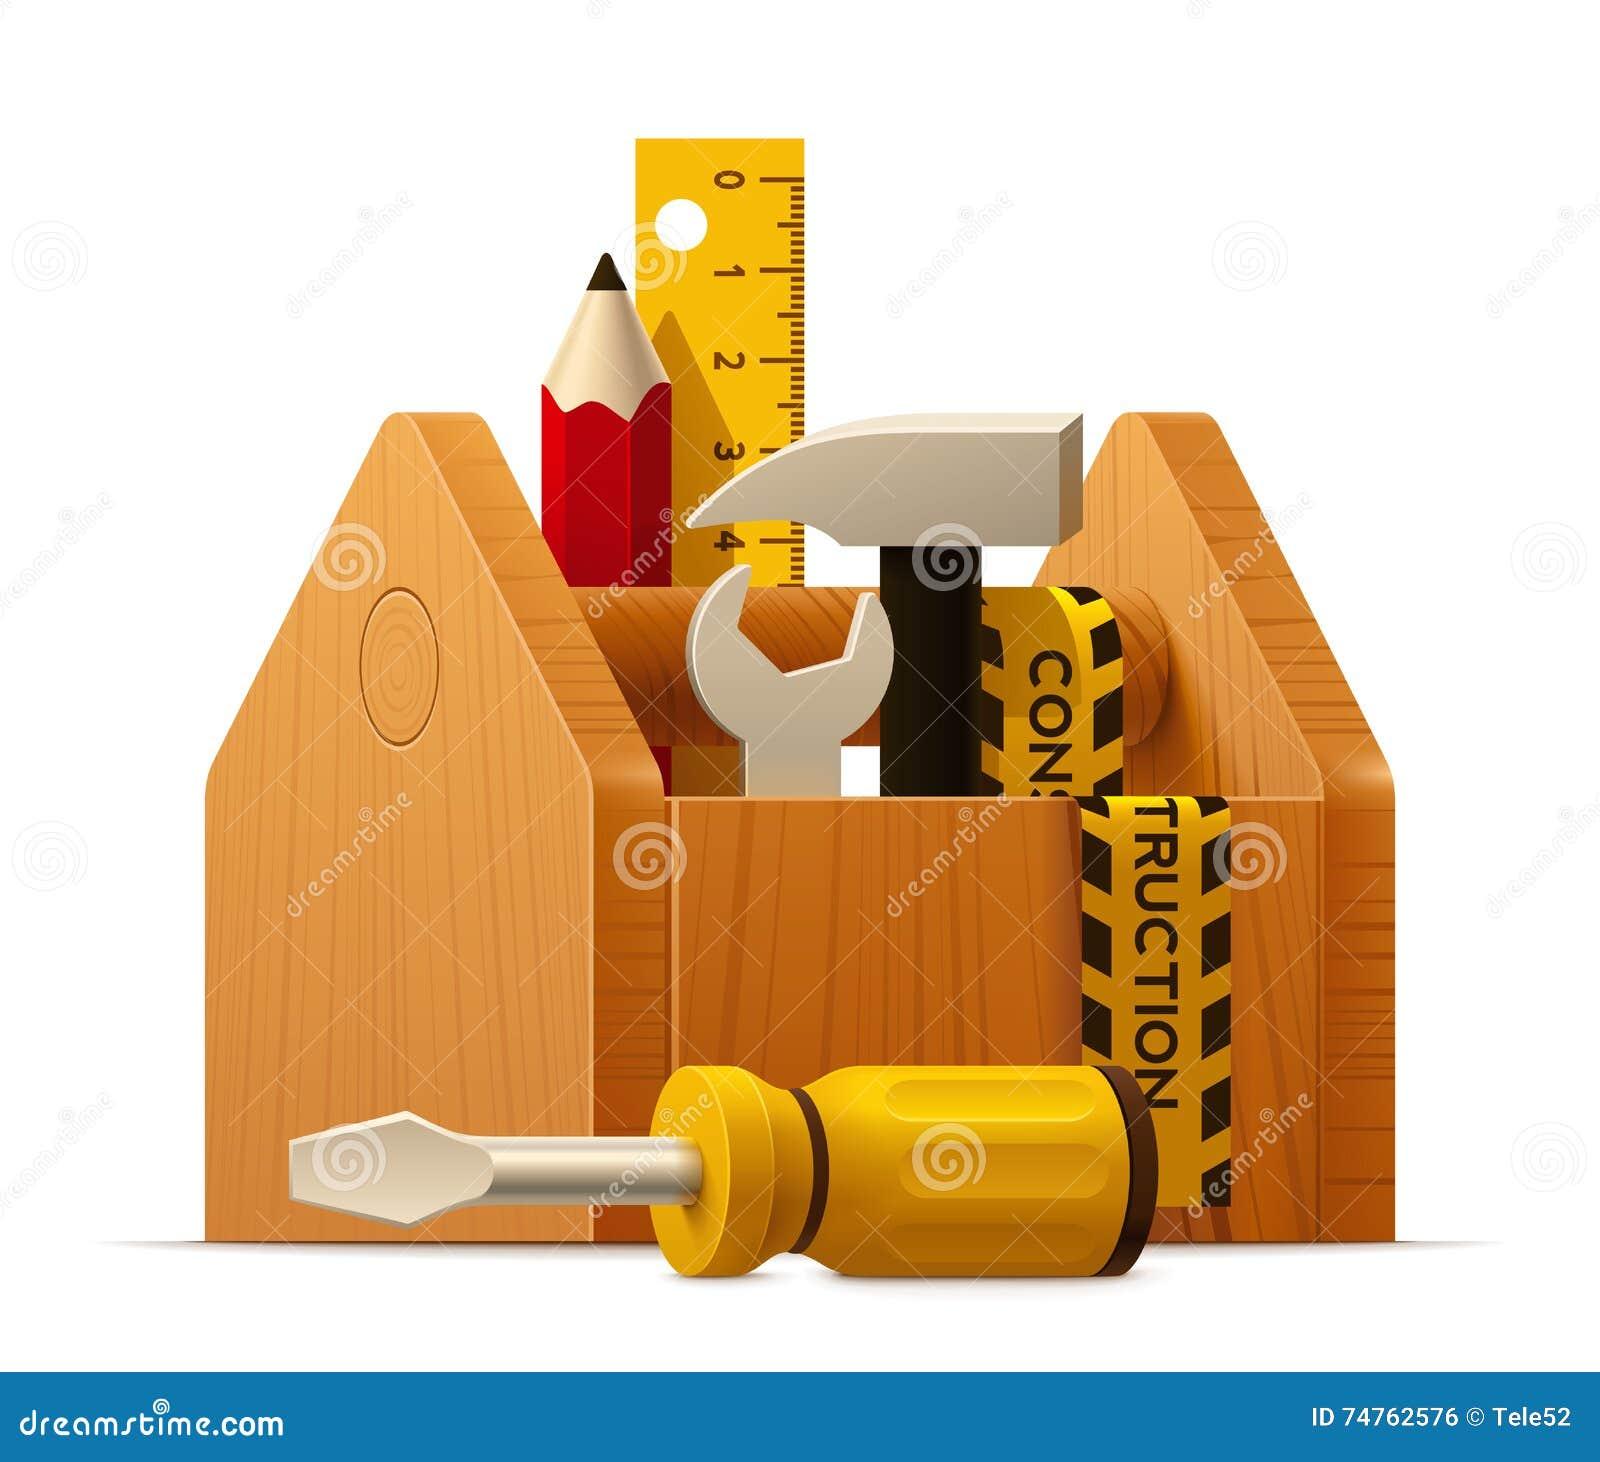 toolbox icon. royaltyfree vector toolbox icon